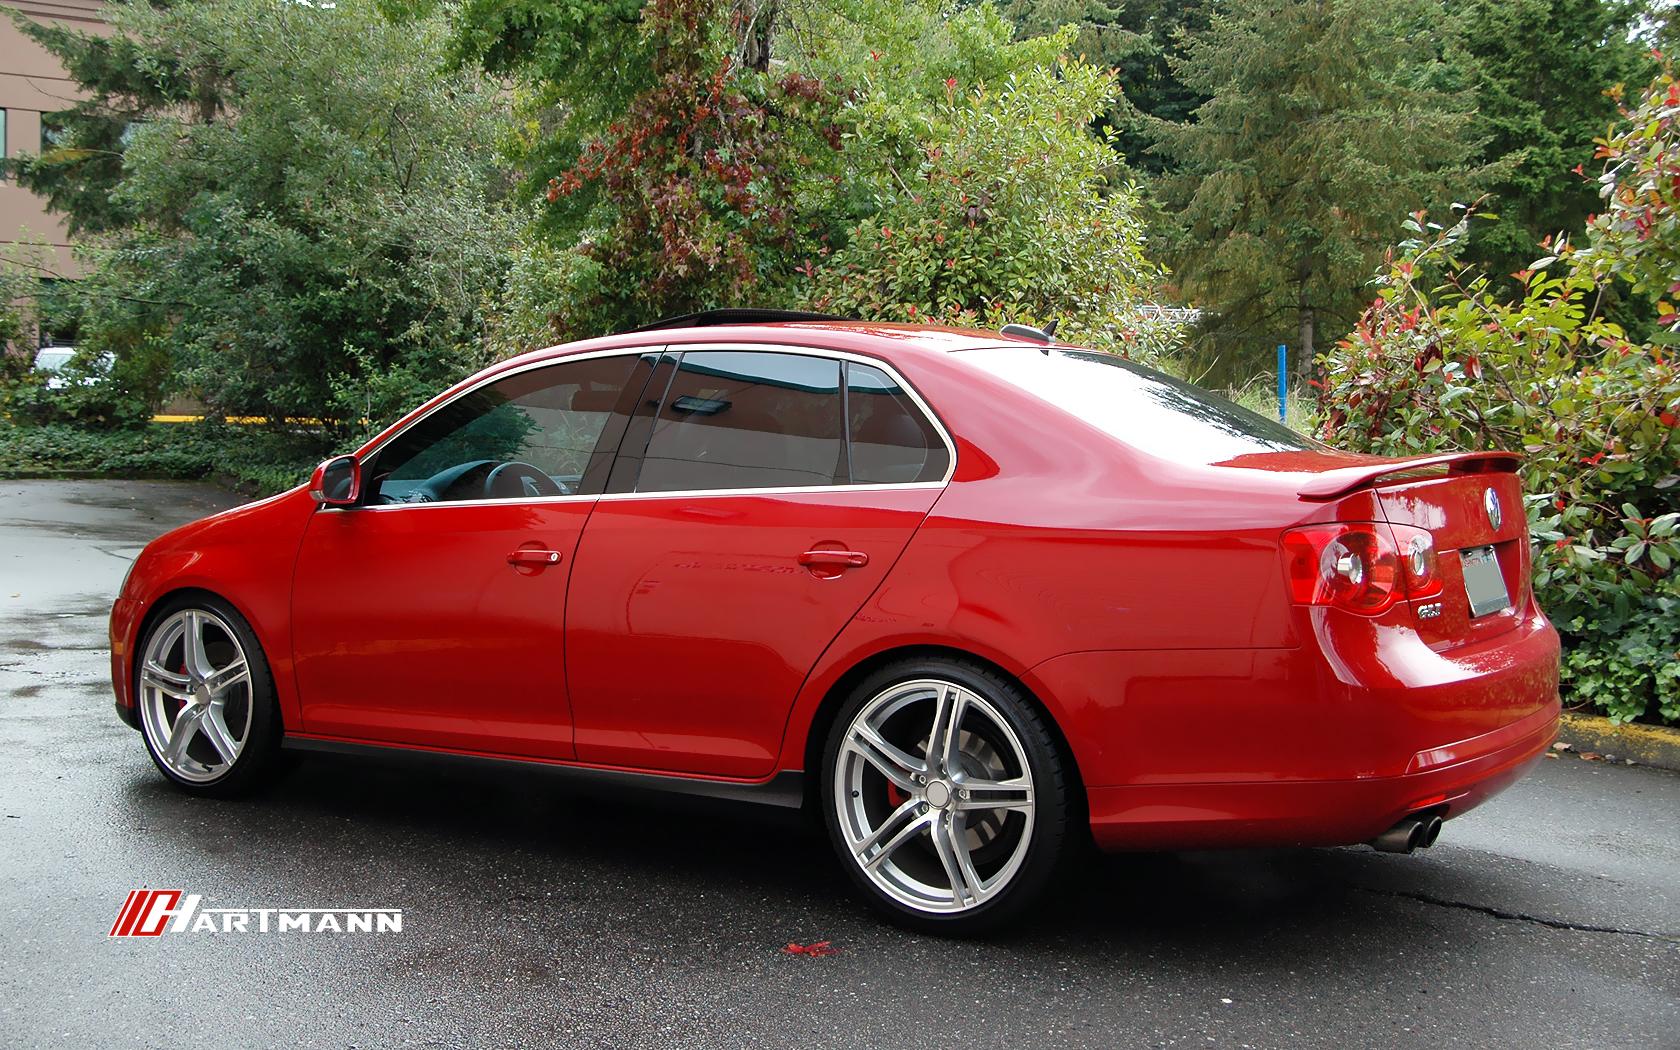 VW Wheels, stock replicas - Hartmann Wheels